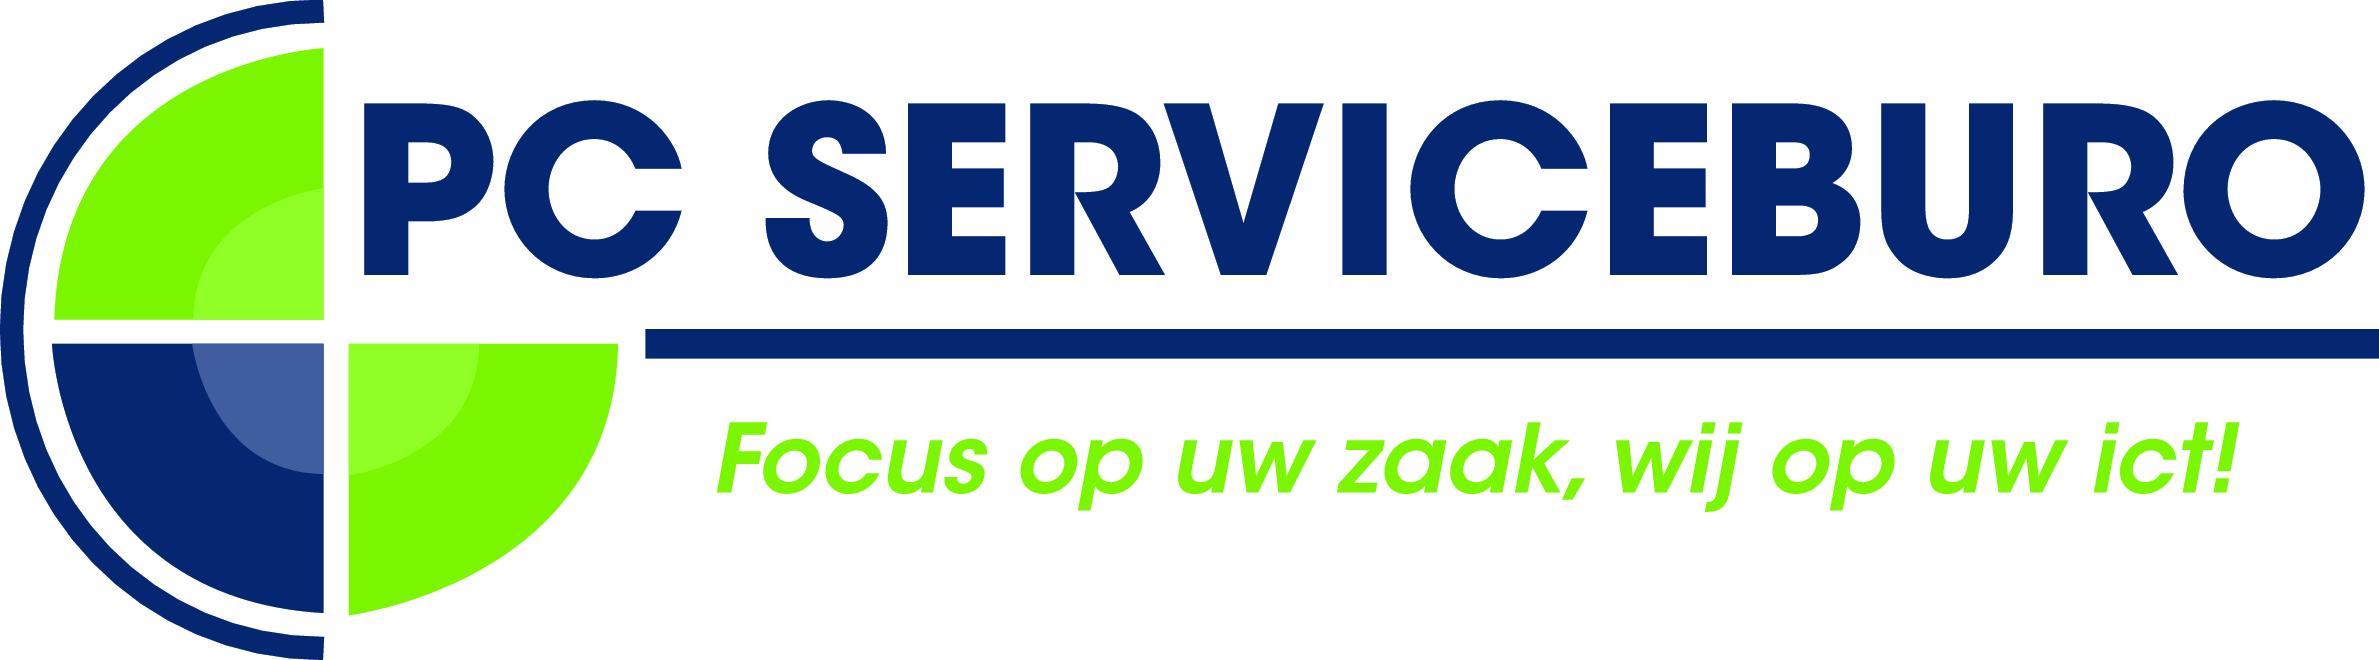 PC Serviceburo Heythuysen